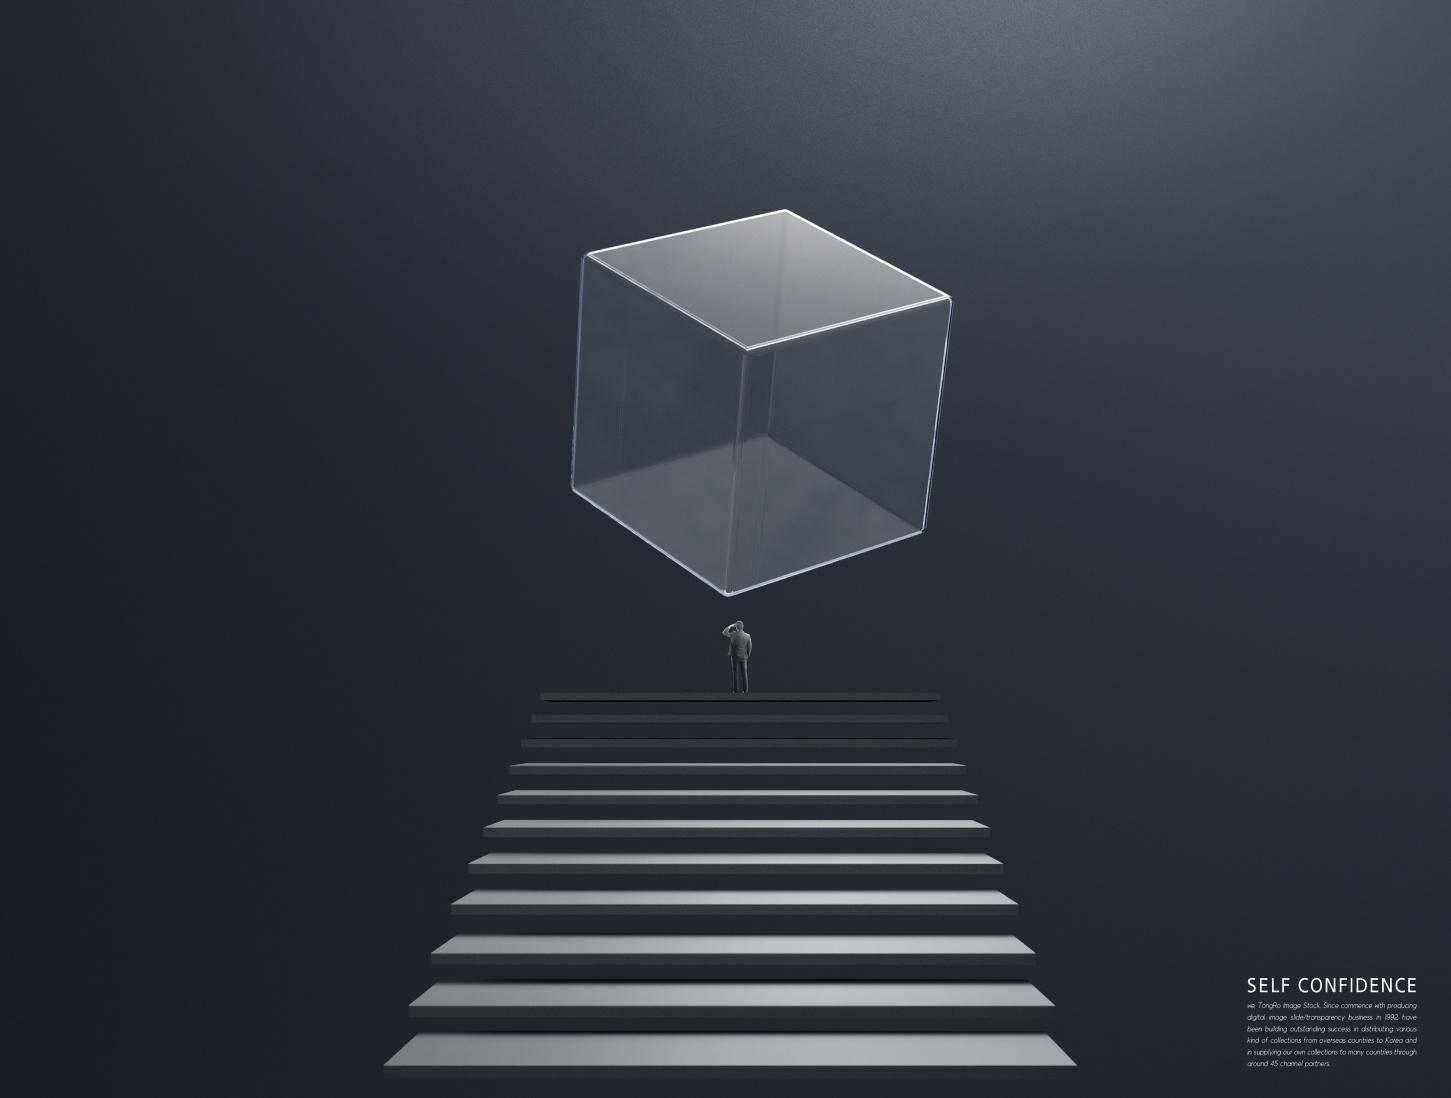 [单独购买] 12款创意黑白几何虚拟空间企业文化宣传主视觉海报设计PS素材模板 Virtual Space Sale Poster Template插图10